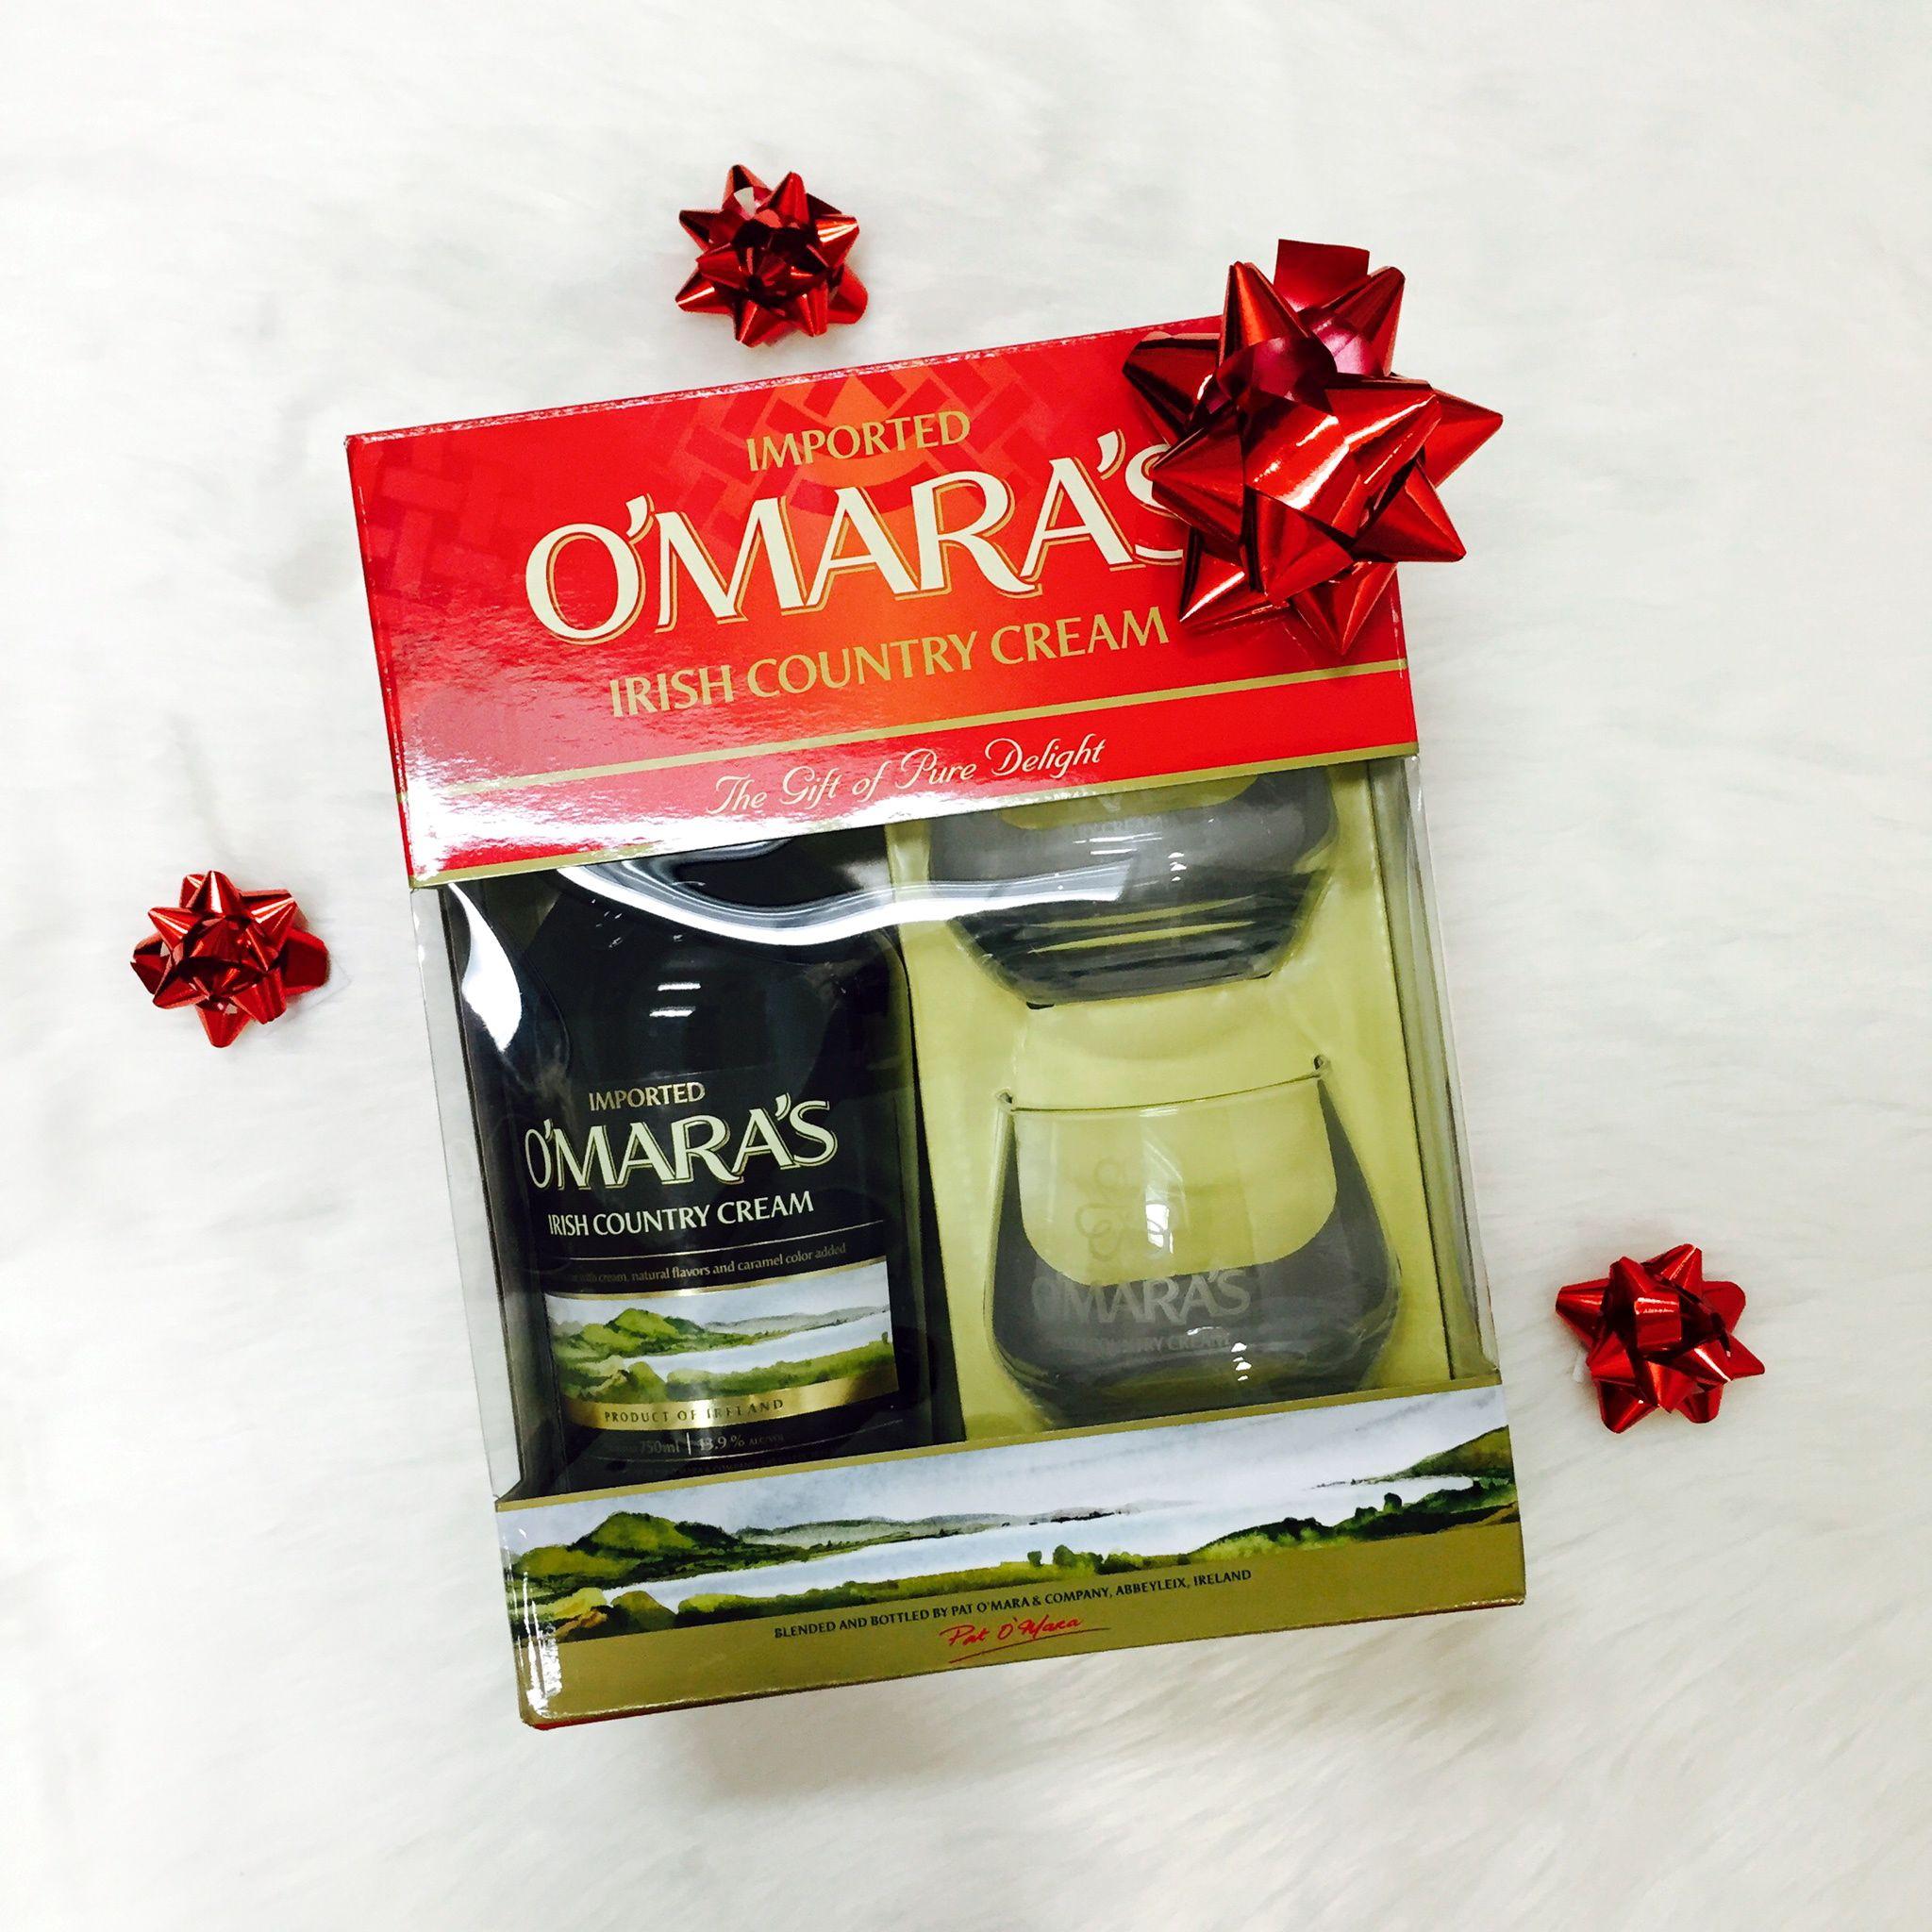 For the drinker! O'Mara's Irish country cream gift set